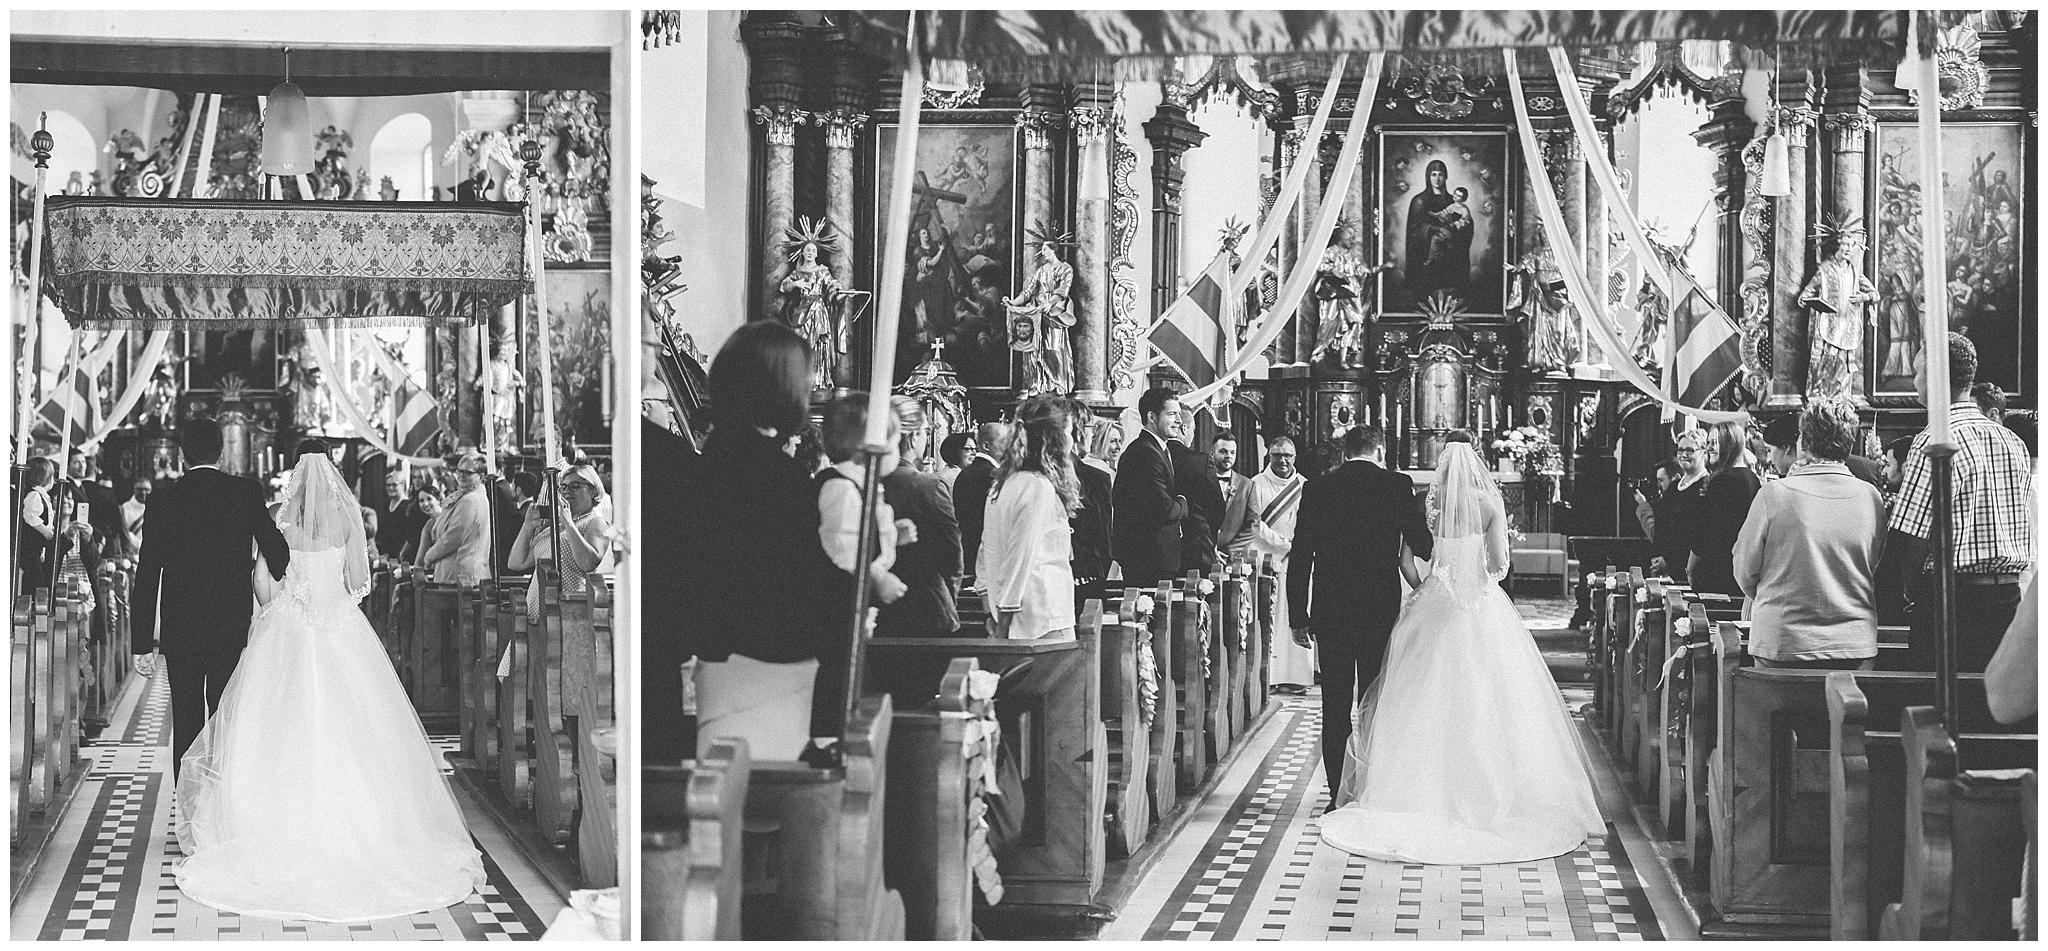 Hochzeit_Menninger_dieLICHTBUILDER_32.jpg